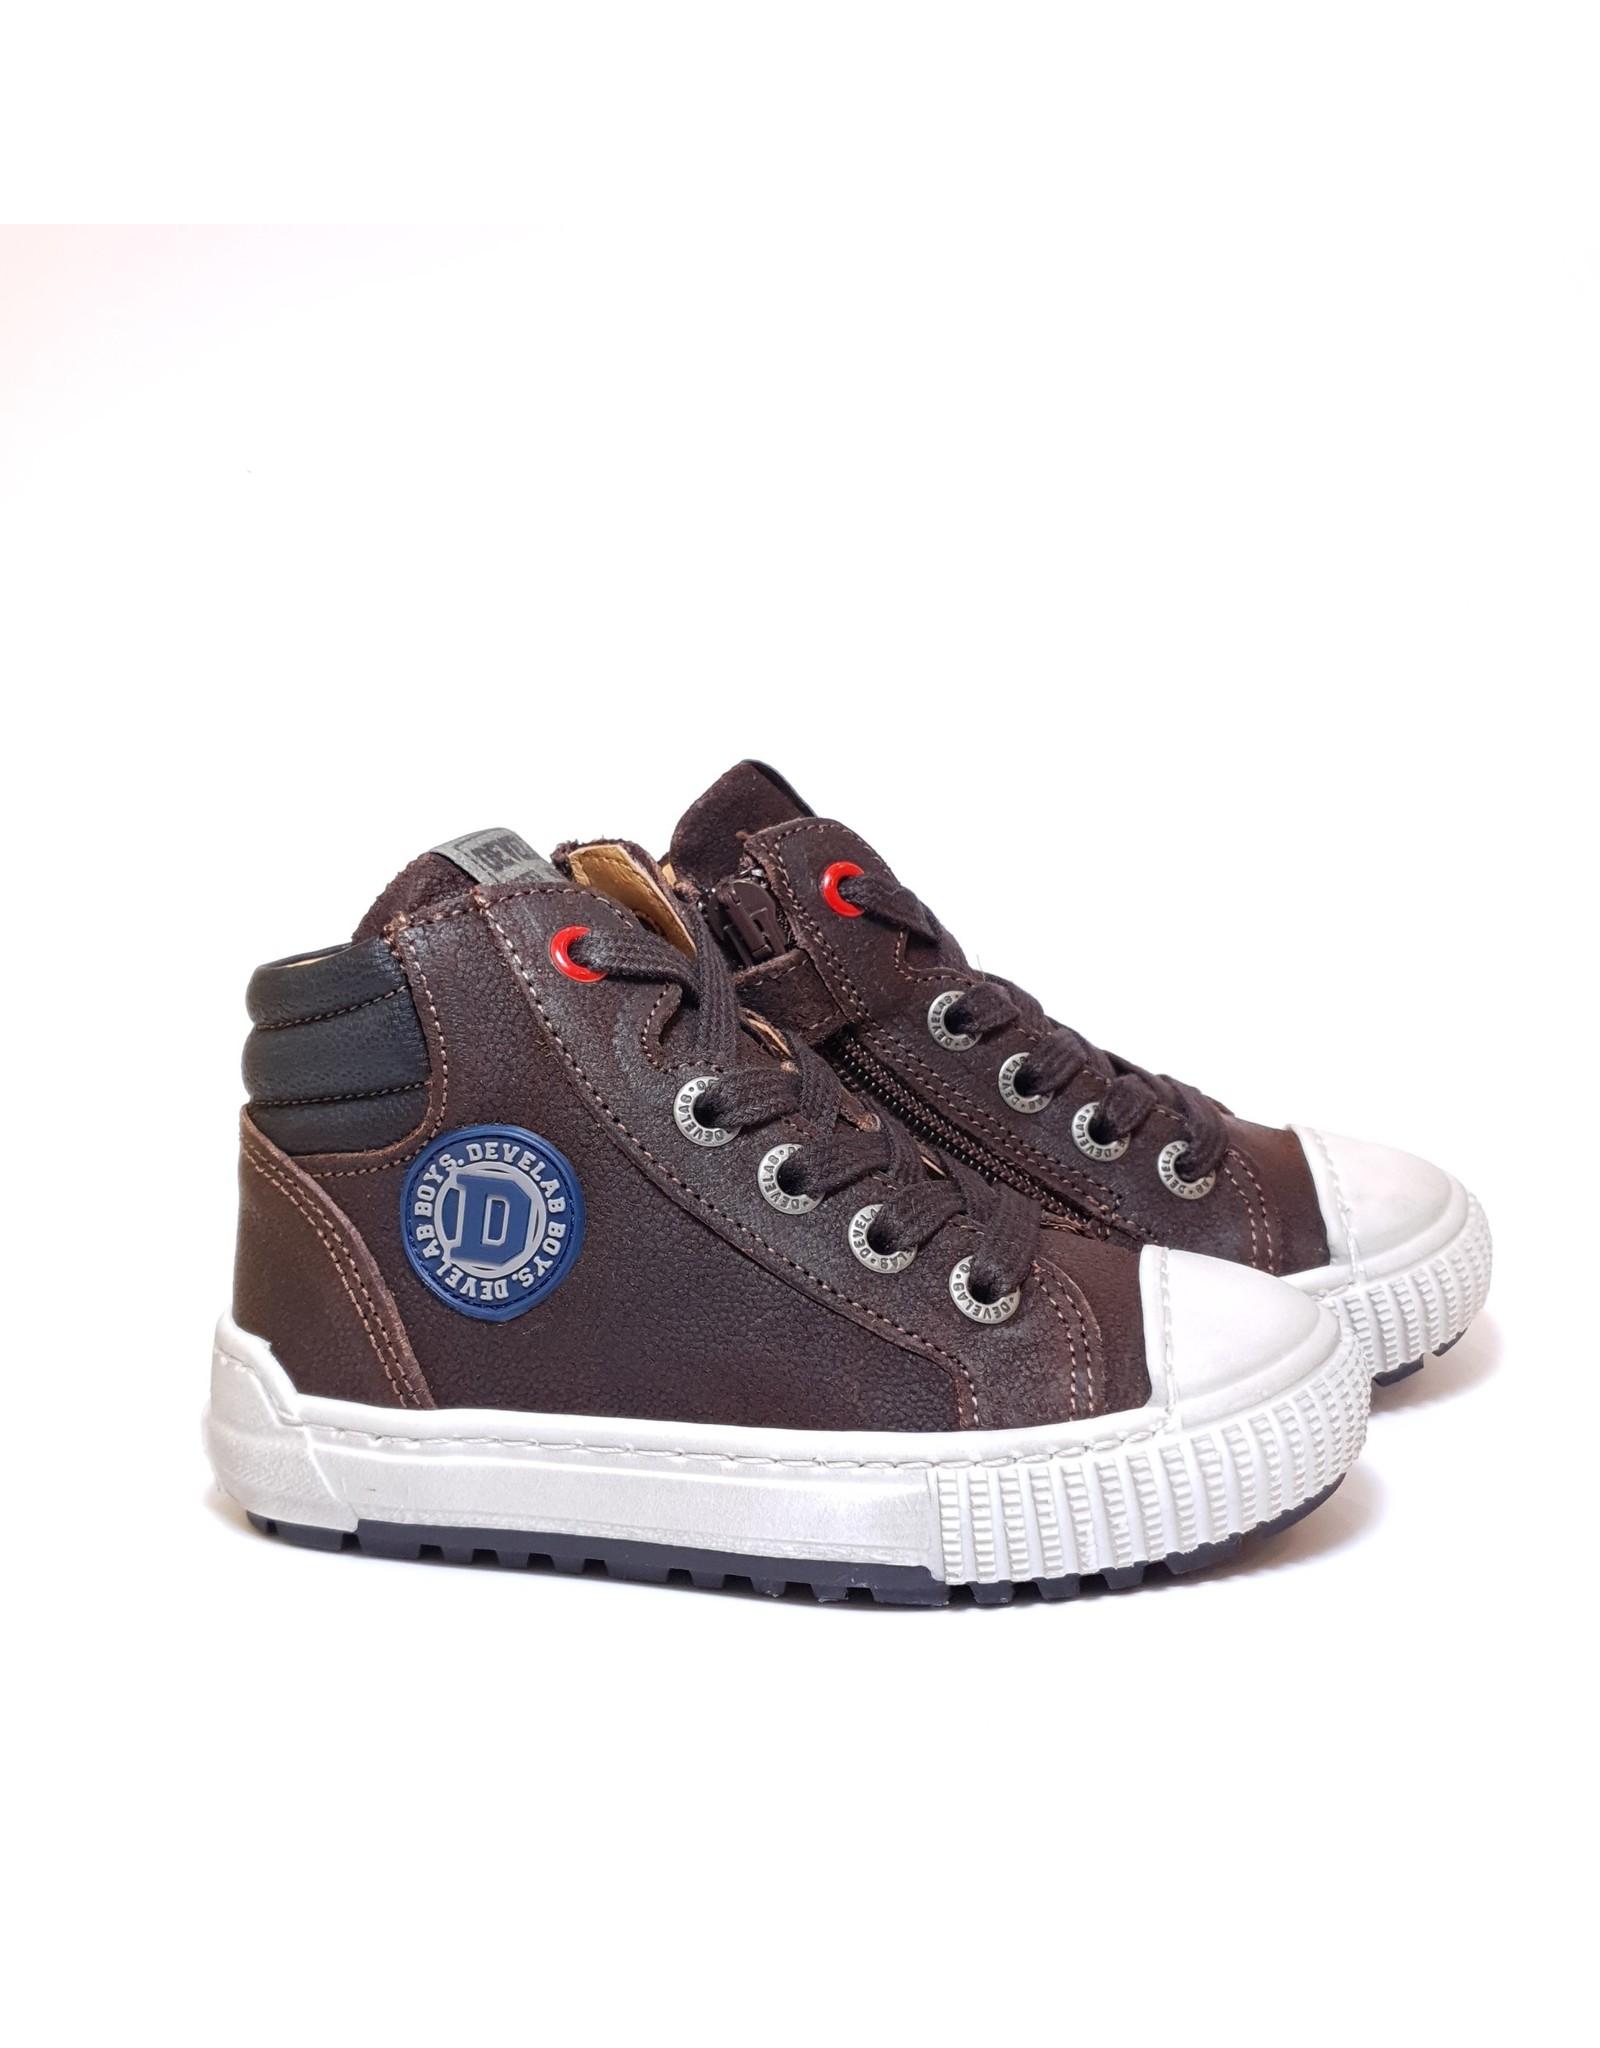 Develab sneaker donker bruin suede